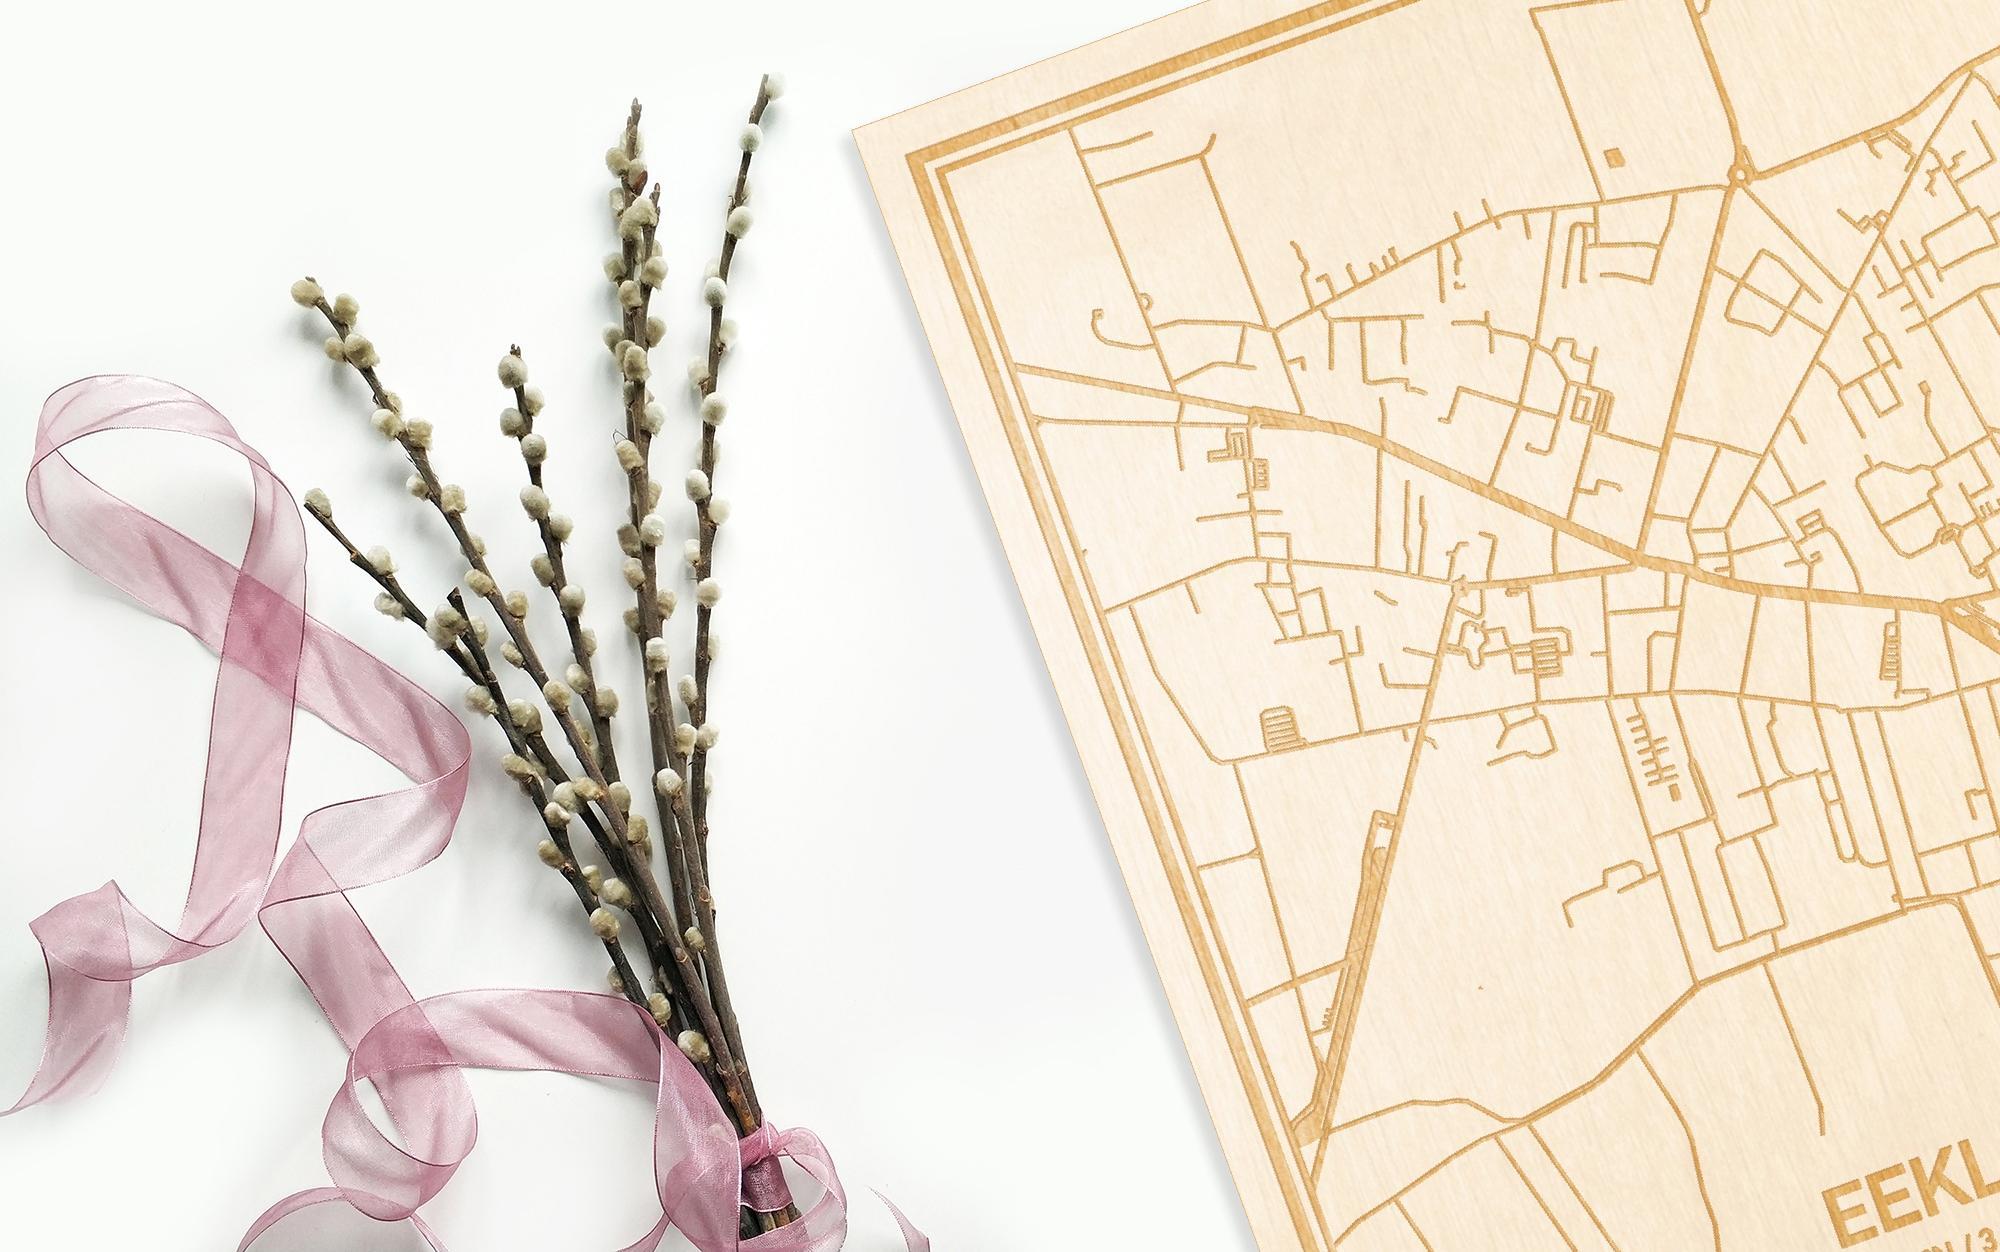 Hier ligt de houten plattegrond Eeklo naast een bloemetje als gepersonaliseerd cadeau voor haar.